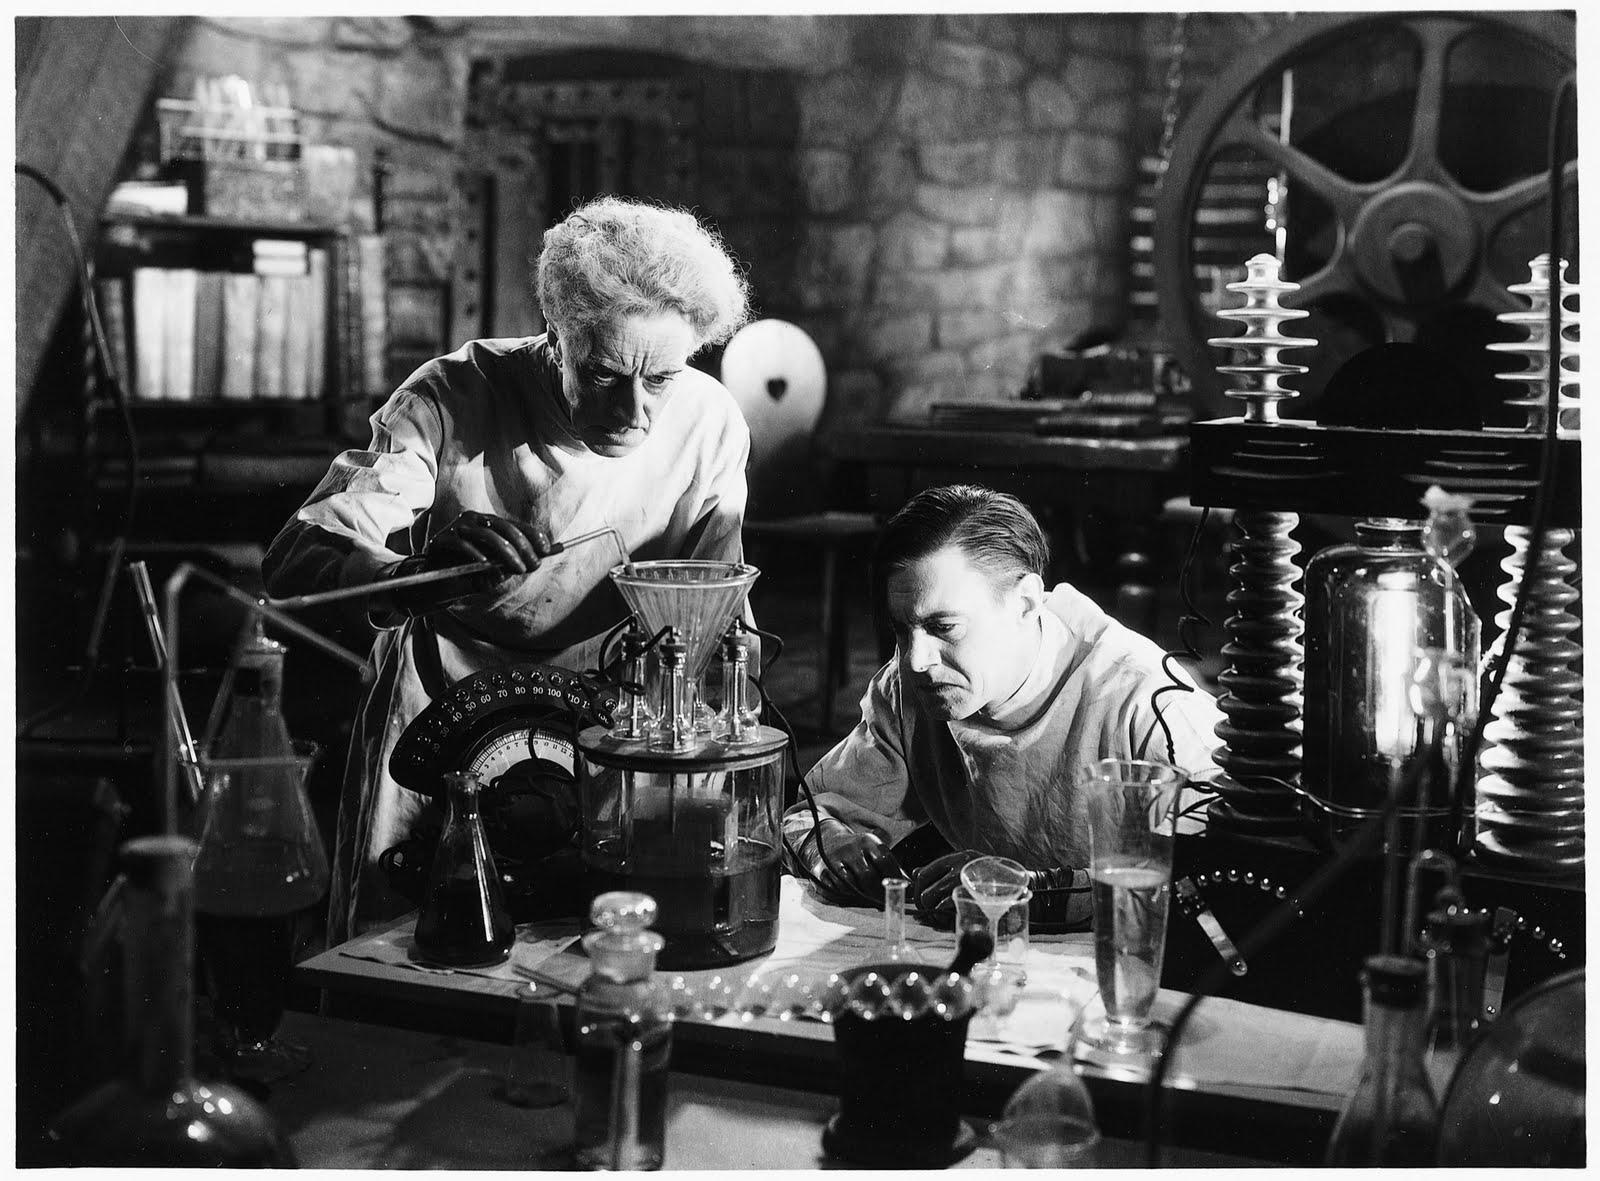 W Beczce Miodu #2: W laboratorium szalonego miodosytnika